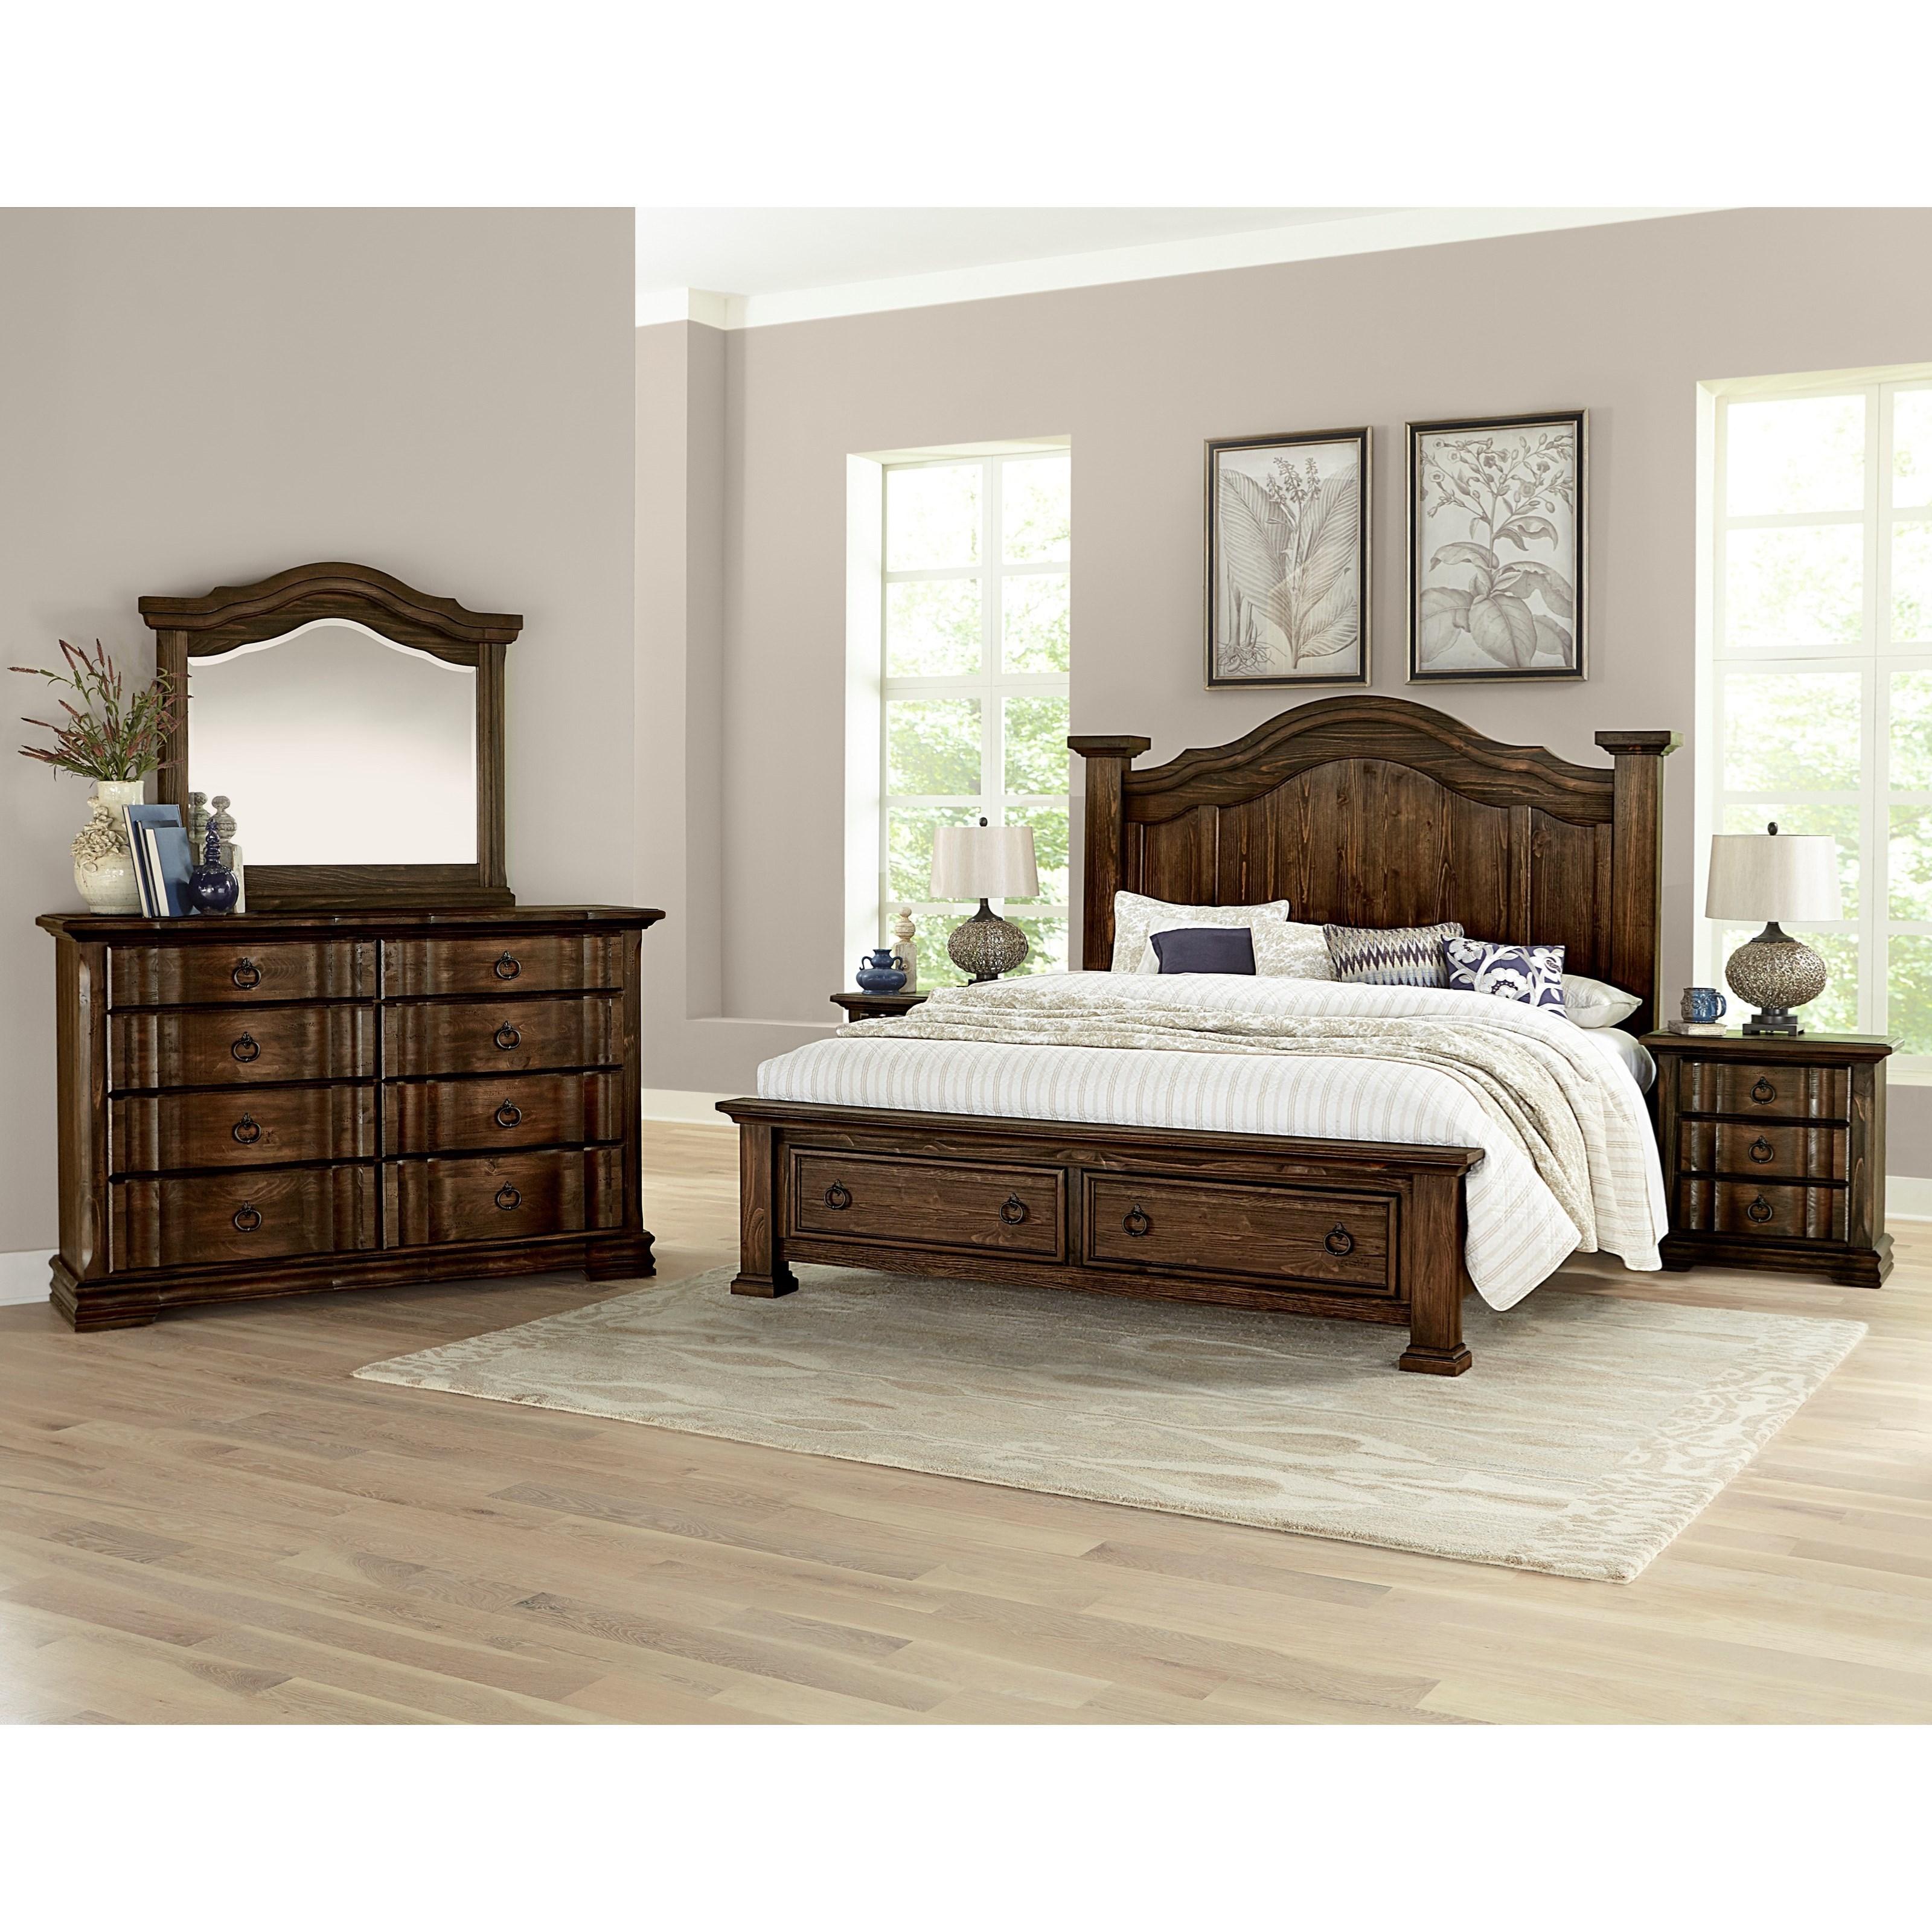 Vaughan bassett rustic hills queen bedroom group pilgrim for Bedroom groups